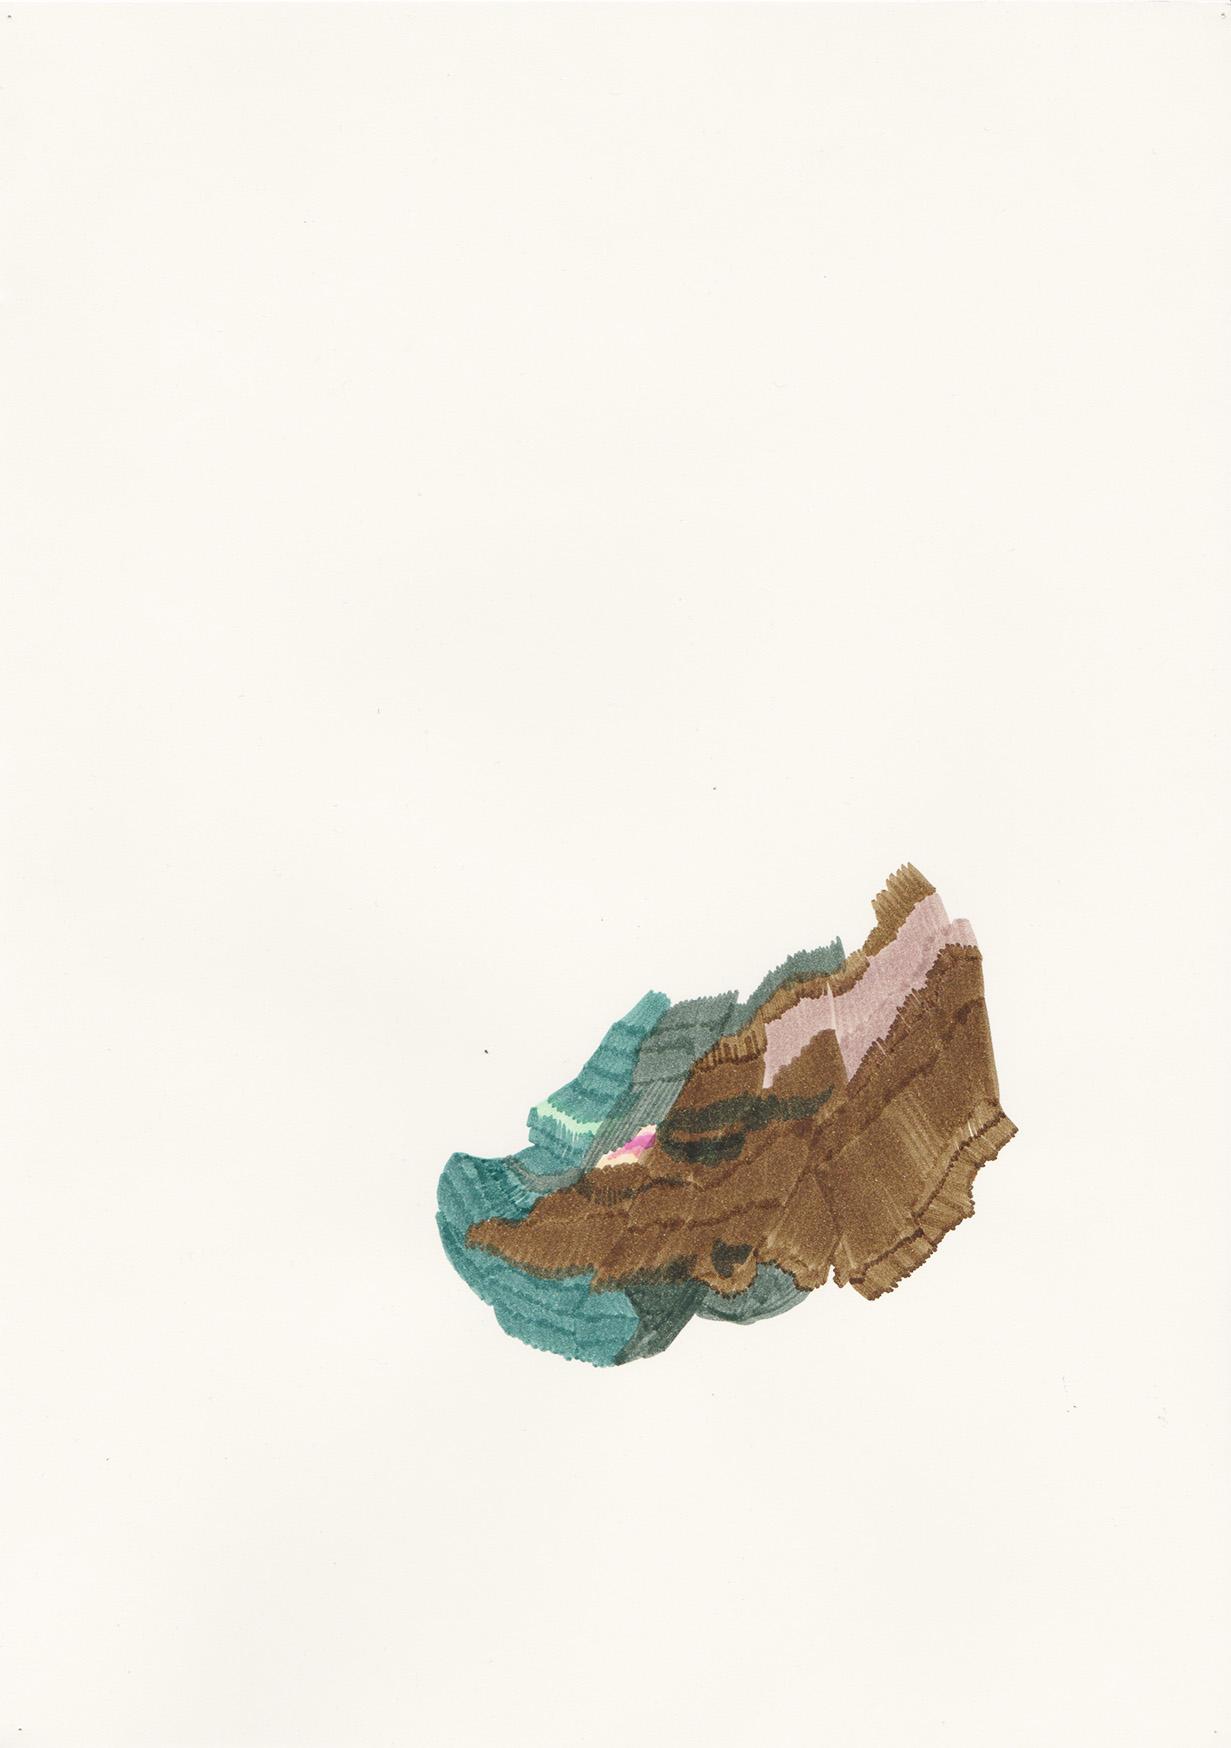 Flanc, dessin aux feutres, 2013